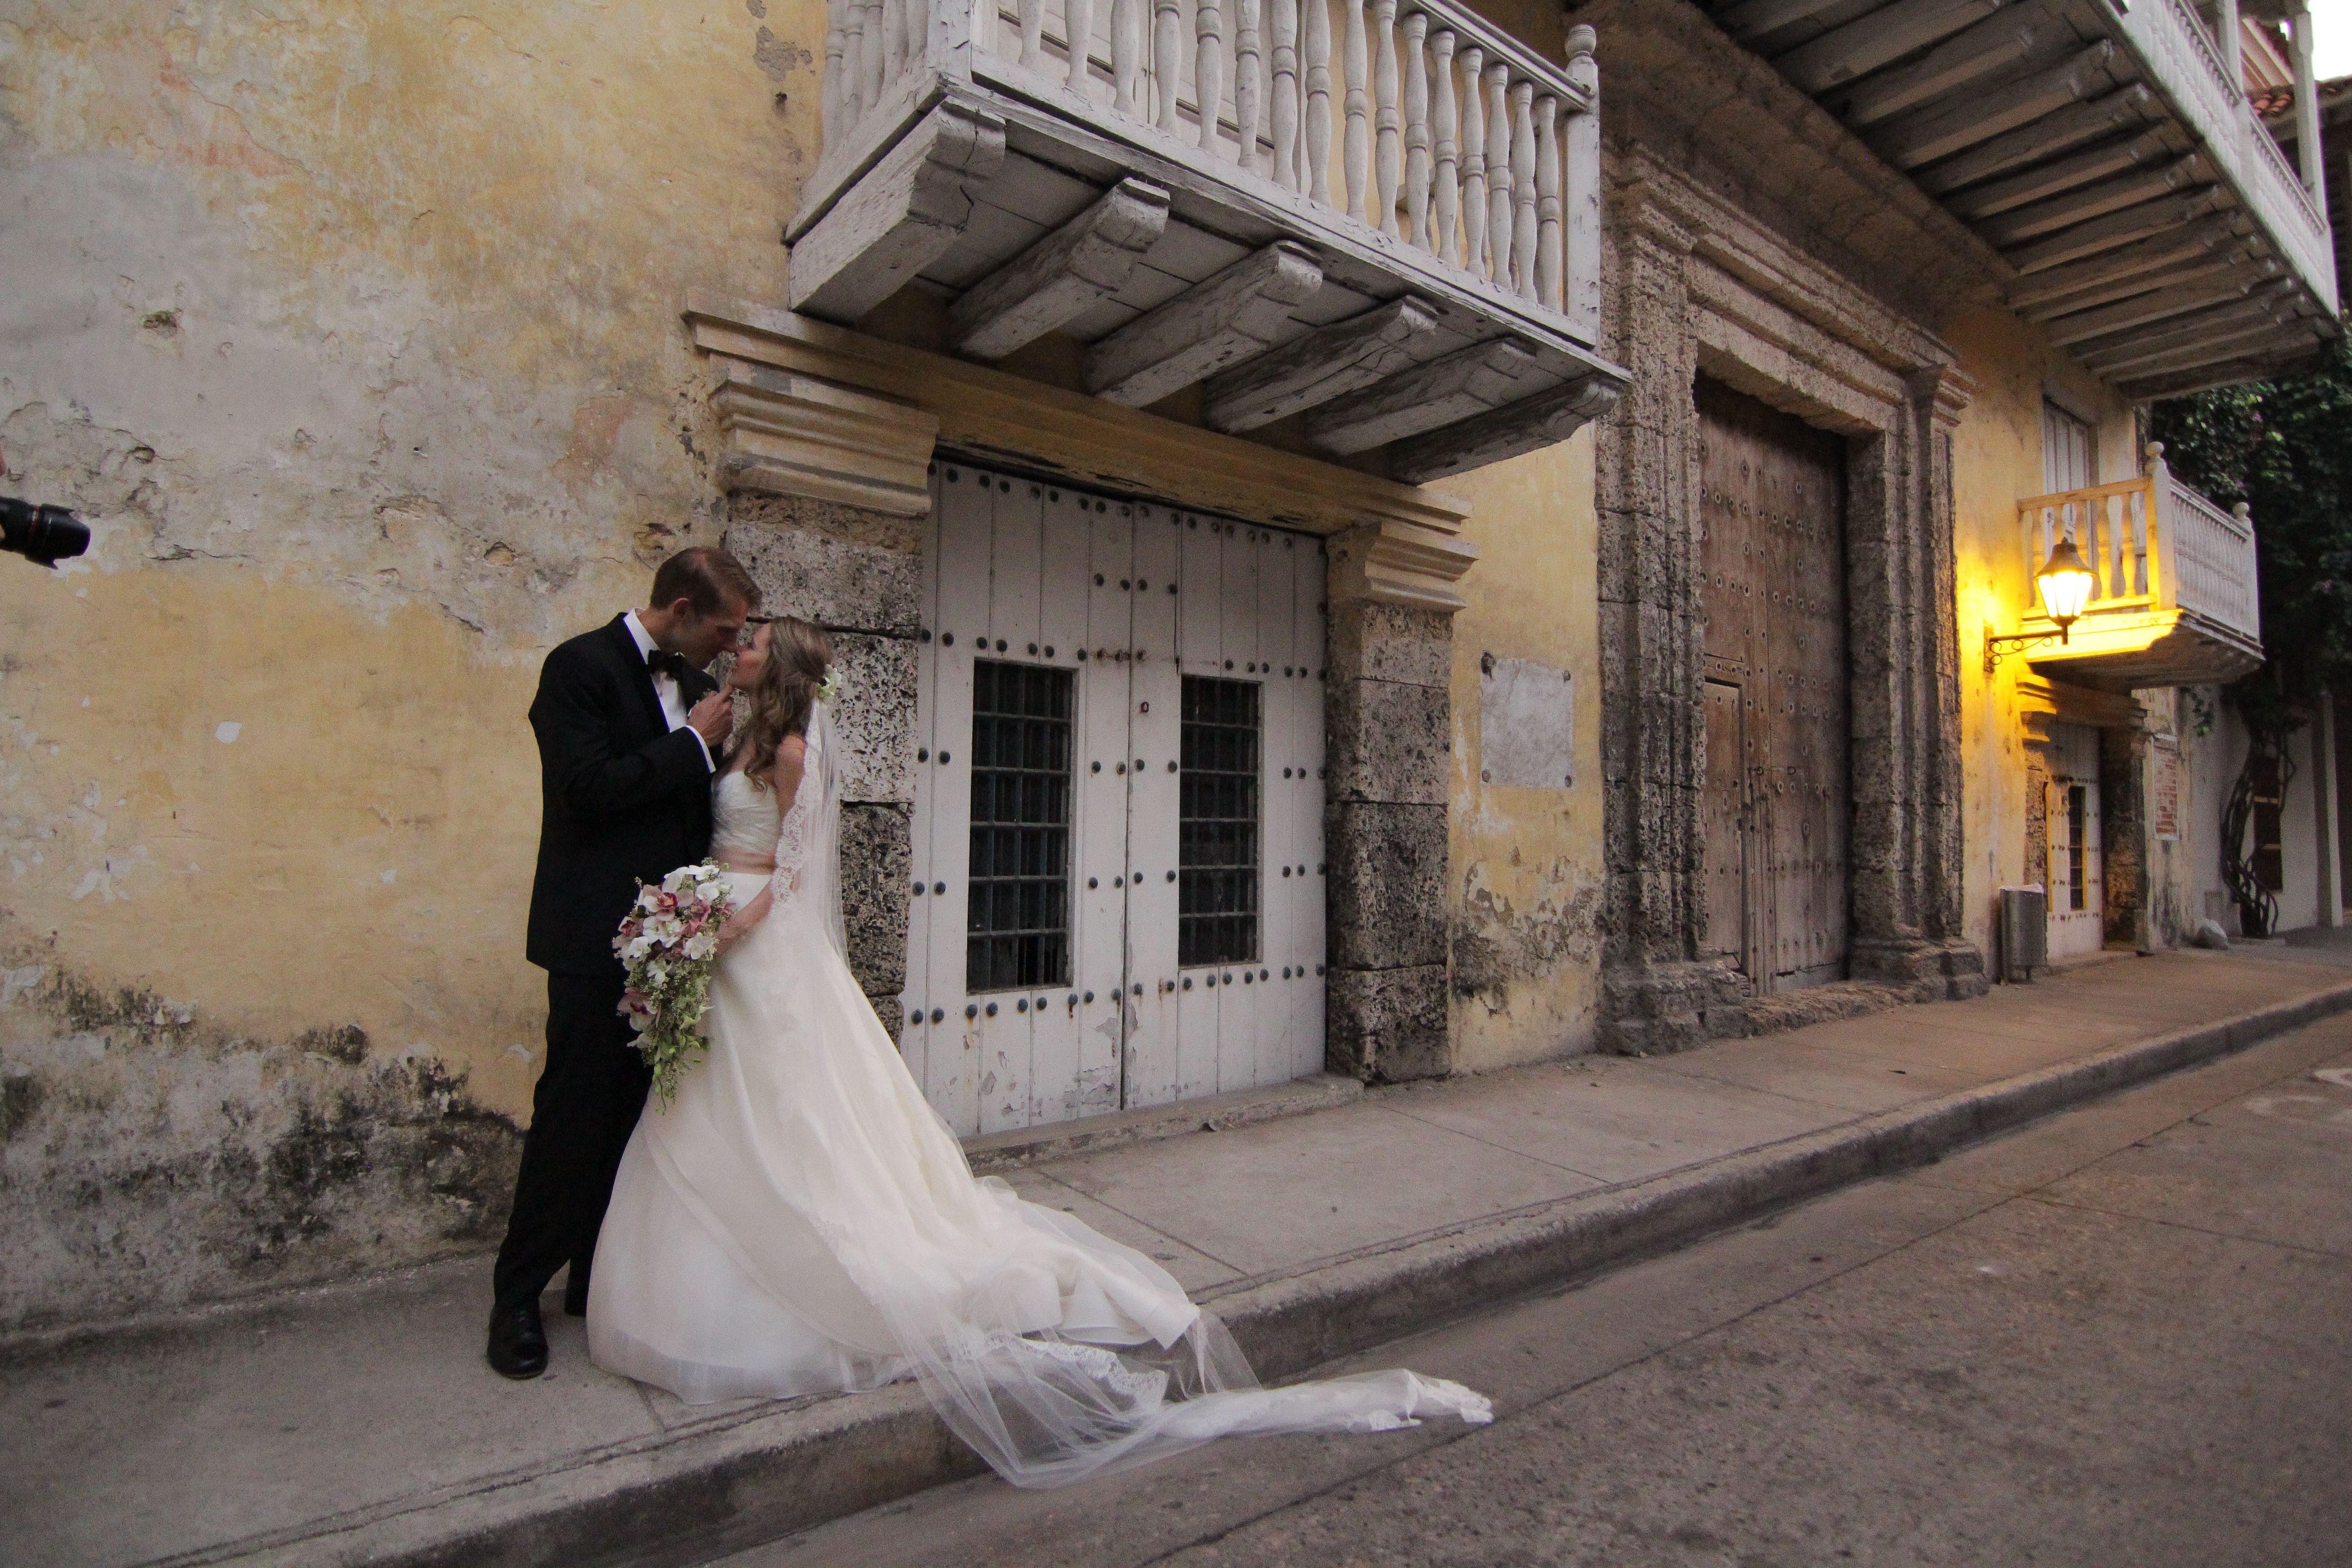 Cartagena es una ciudad histórica con arquitectura centenaria ideal para bodas exóticas.